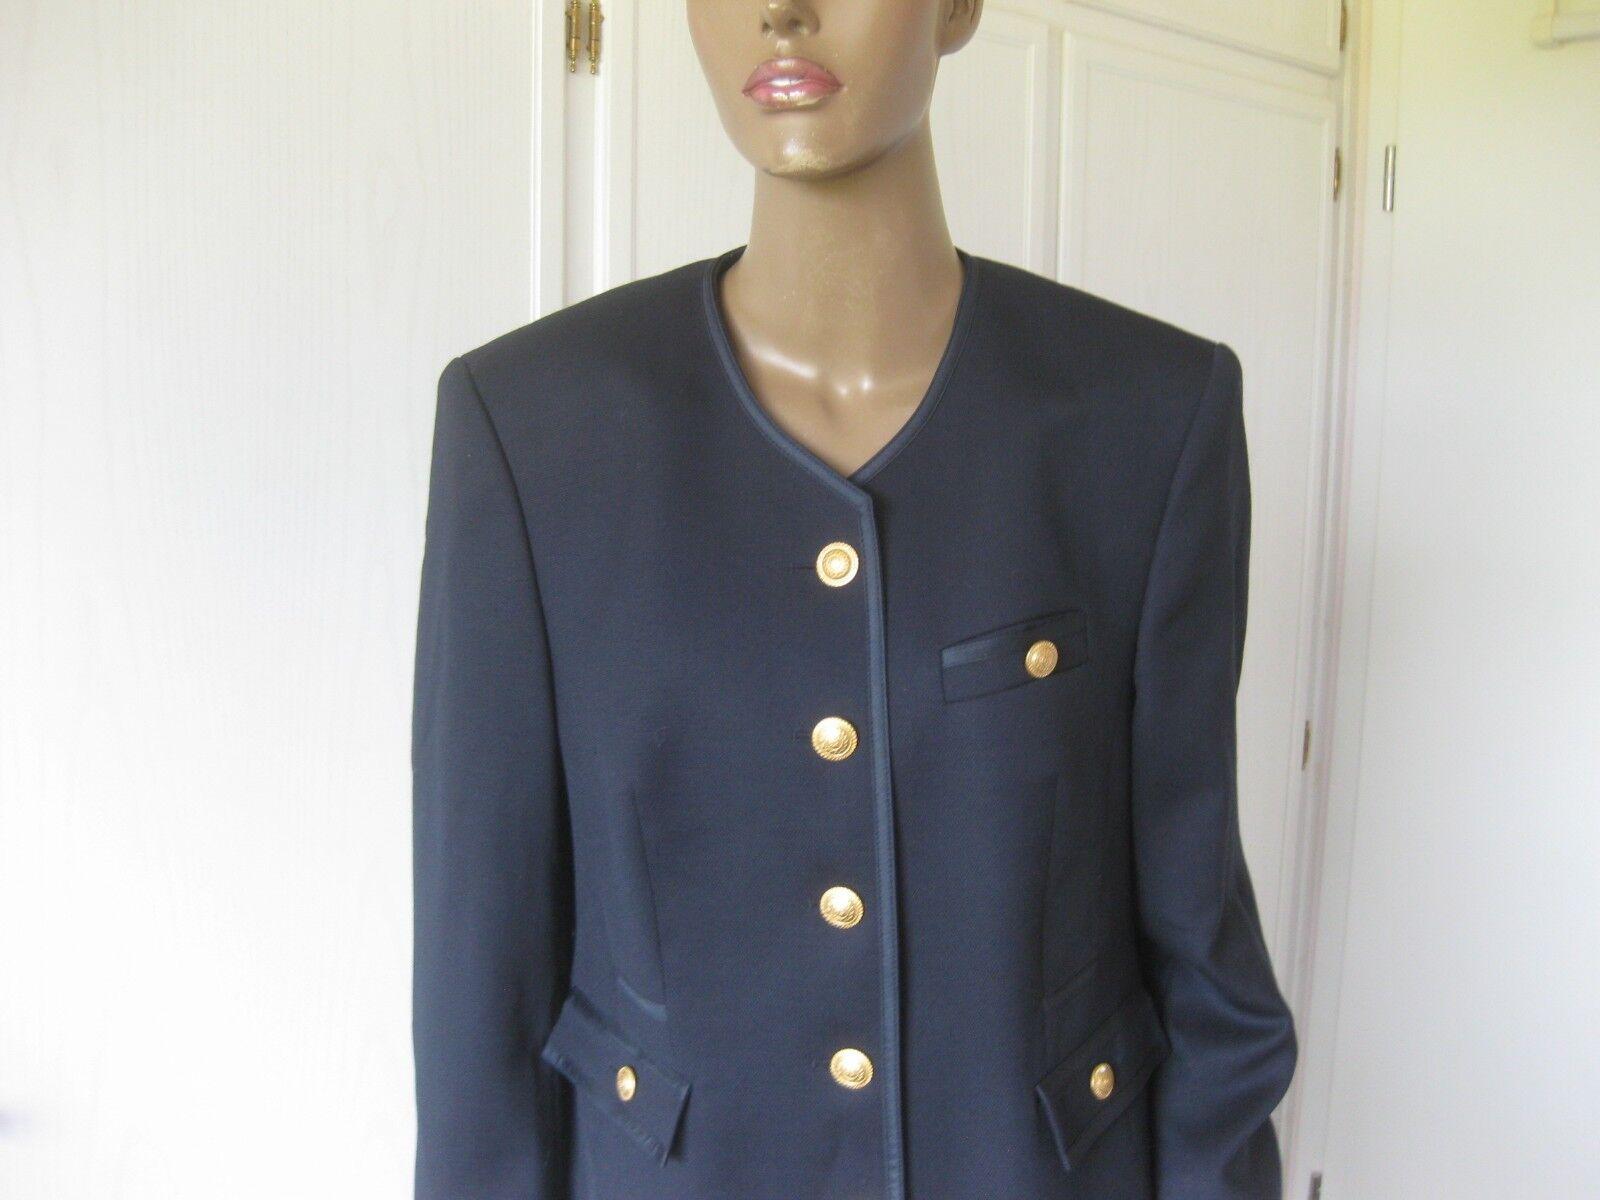 Marcona Exclusiv presso Peter Hahn Costume Costume Costume Tg. 40 lana vergine blu scuro 18eada